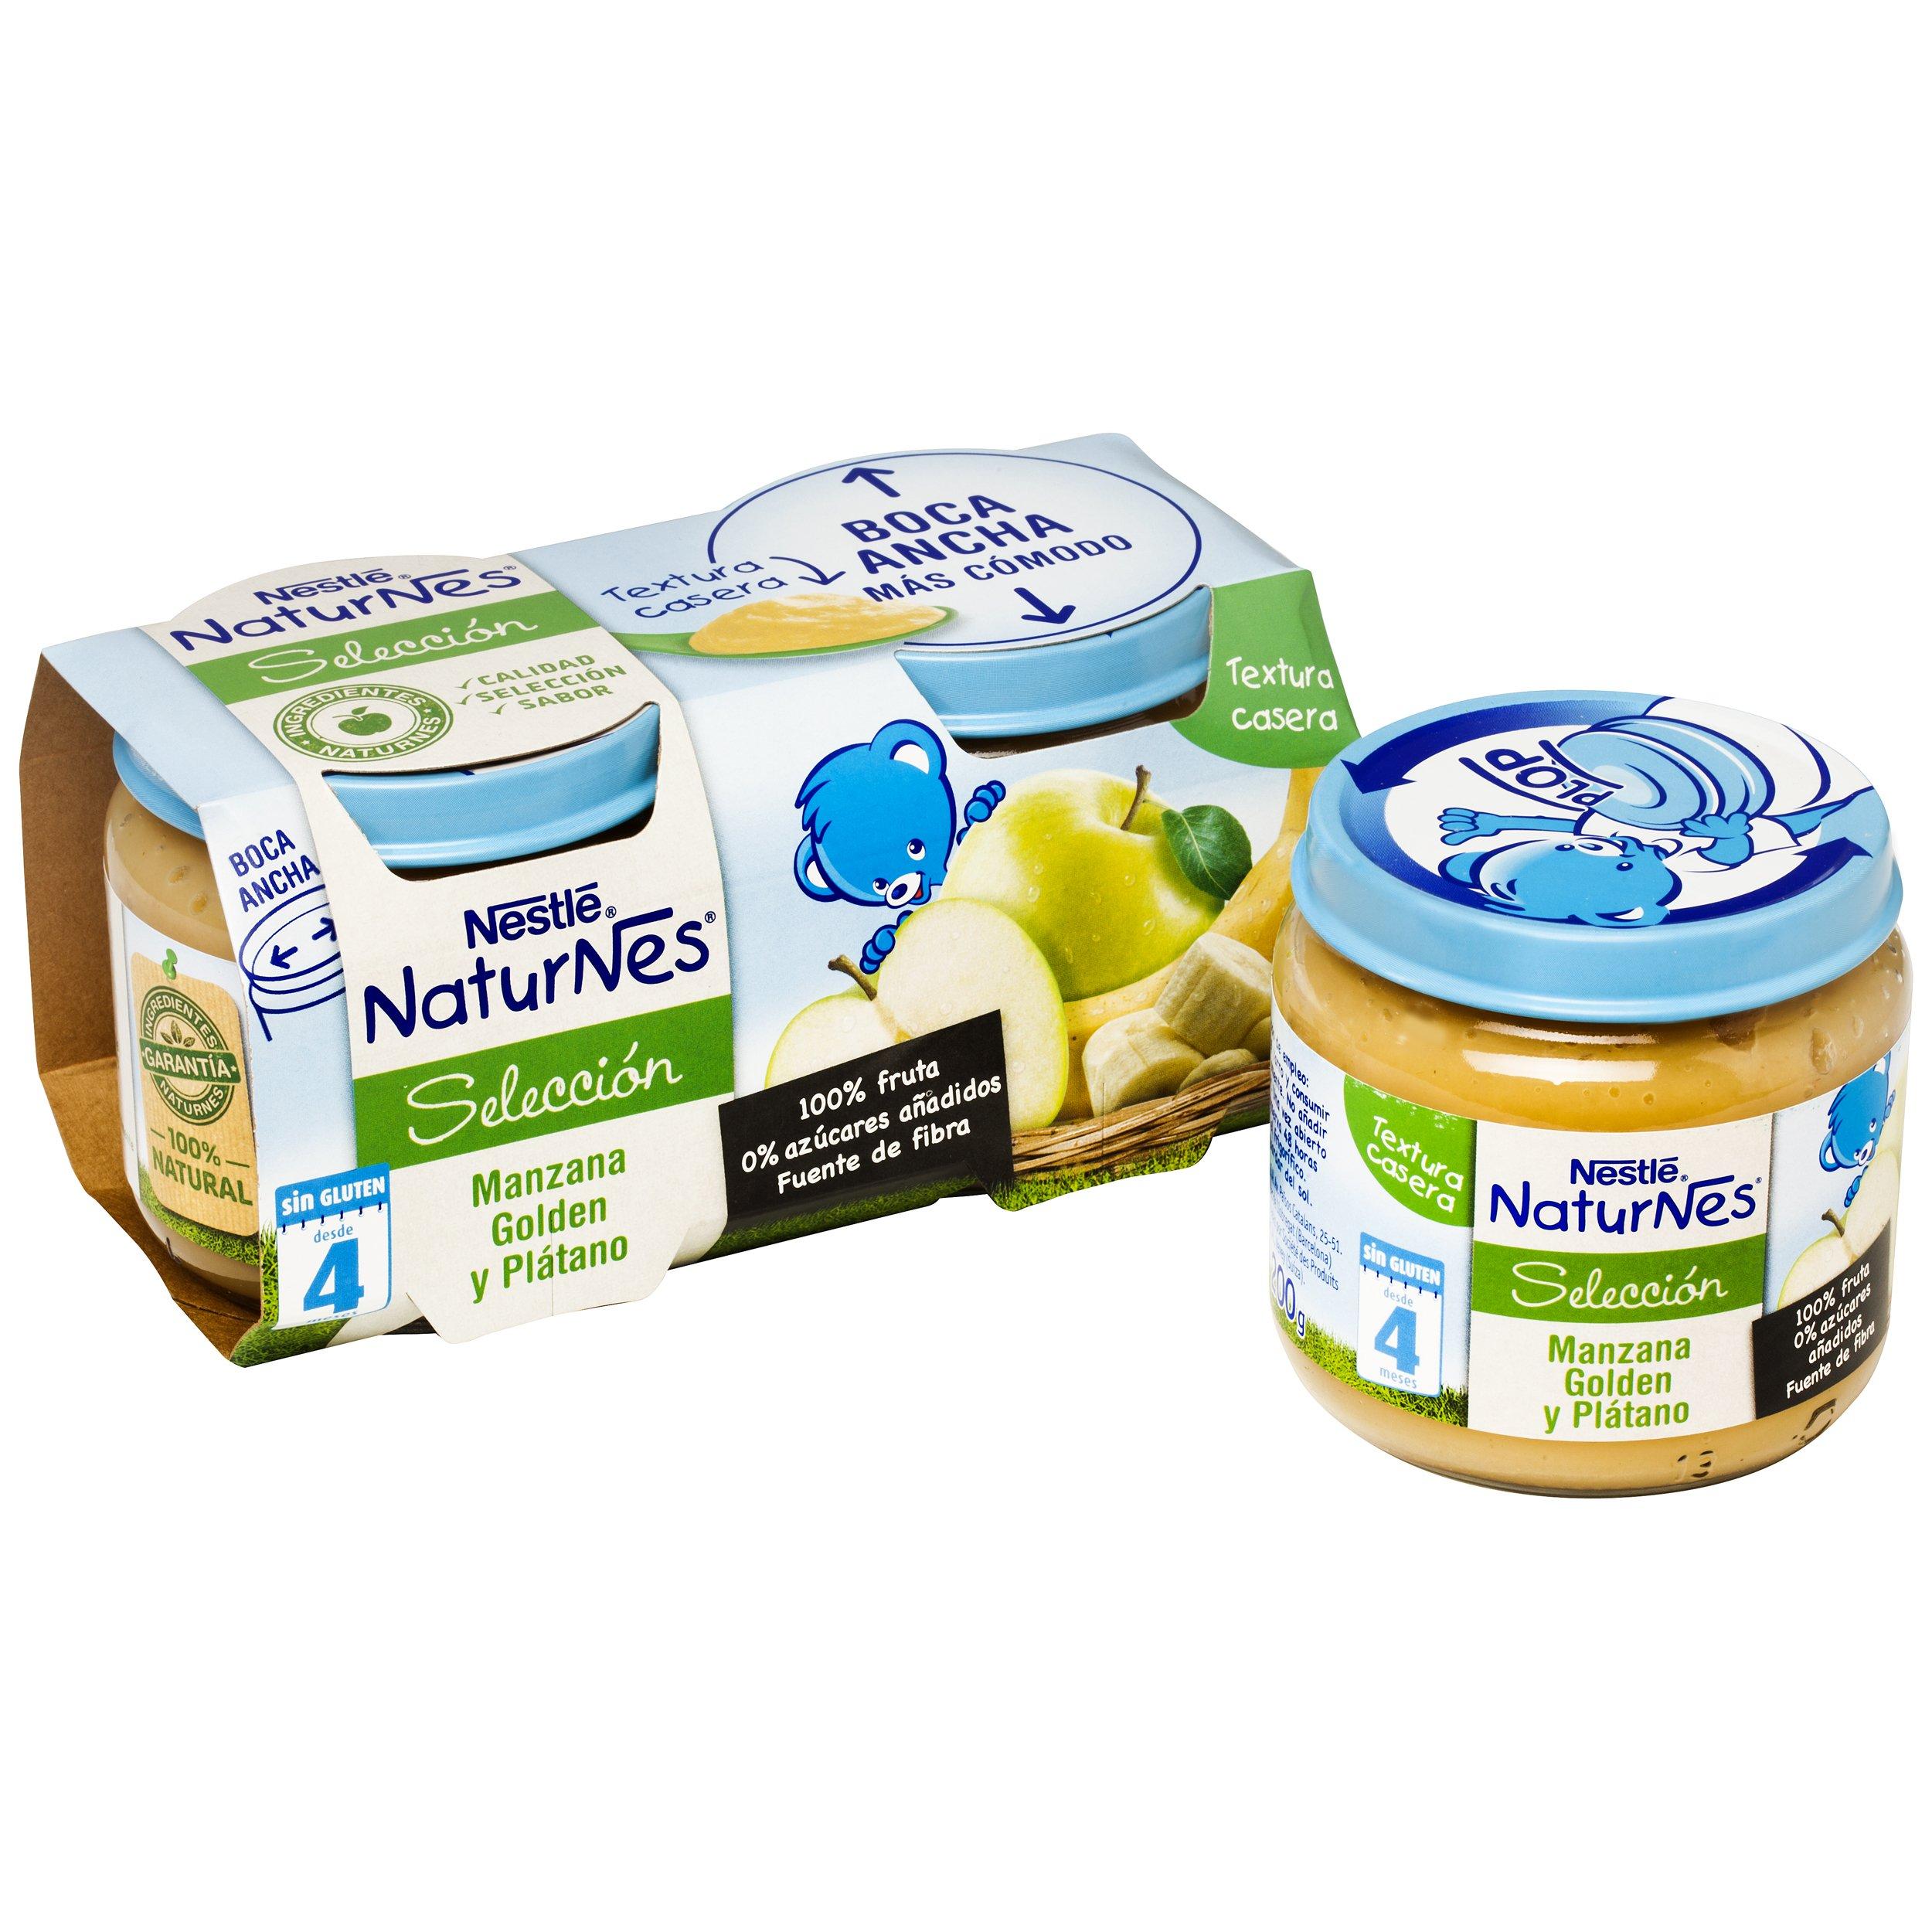 Nestlé Naturnes - Selección Manzana golden y Plátano - A partir de 4 meses - Pack de 5 x (2x200 g) -